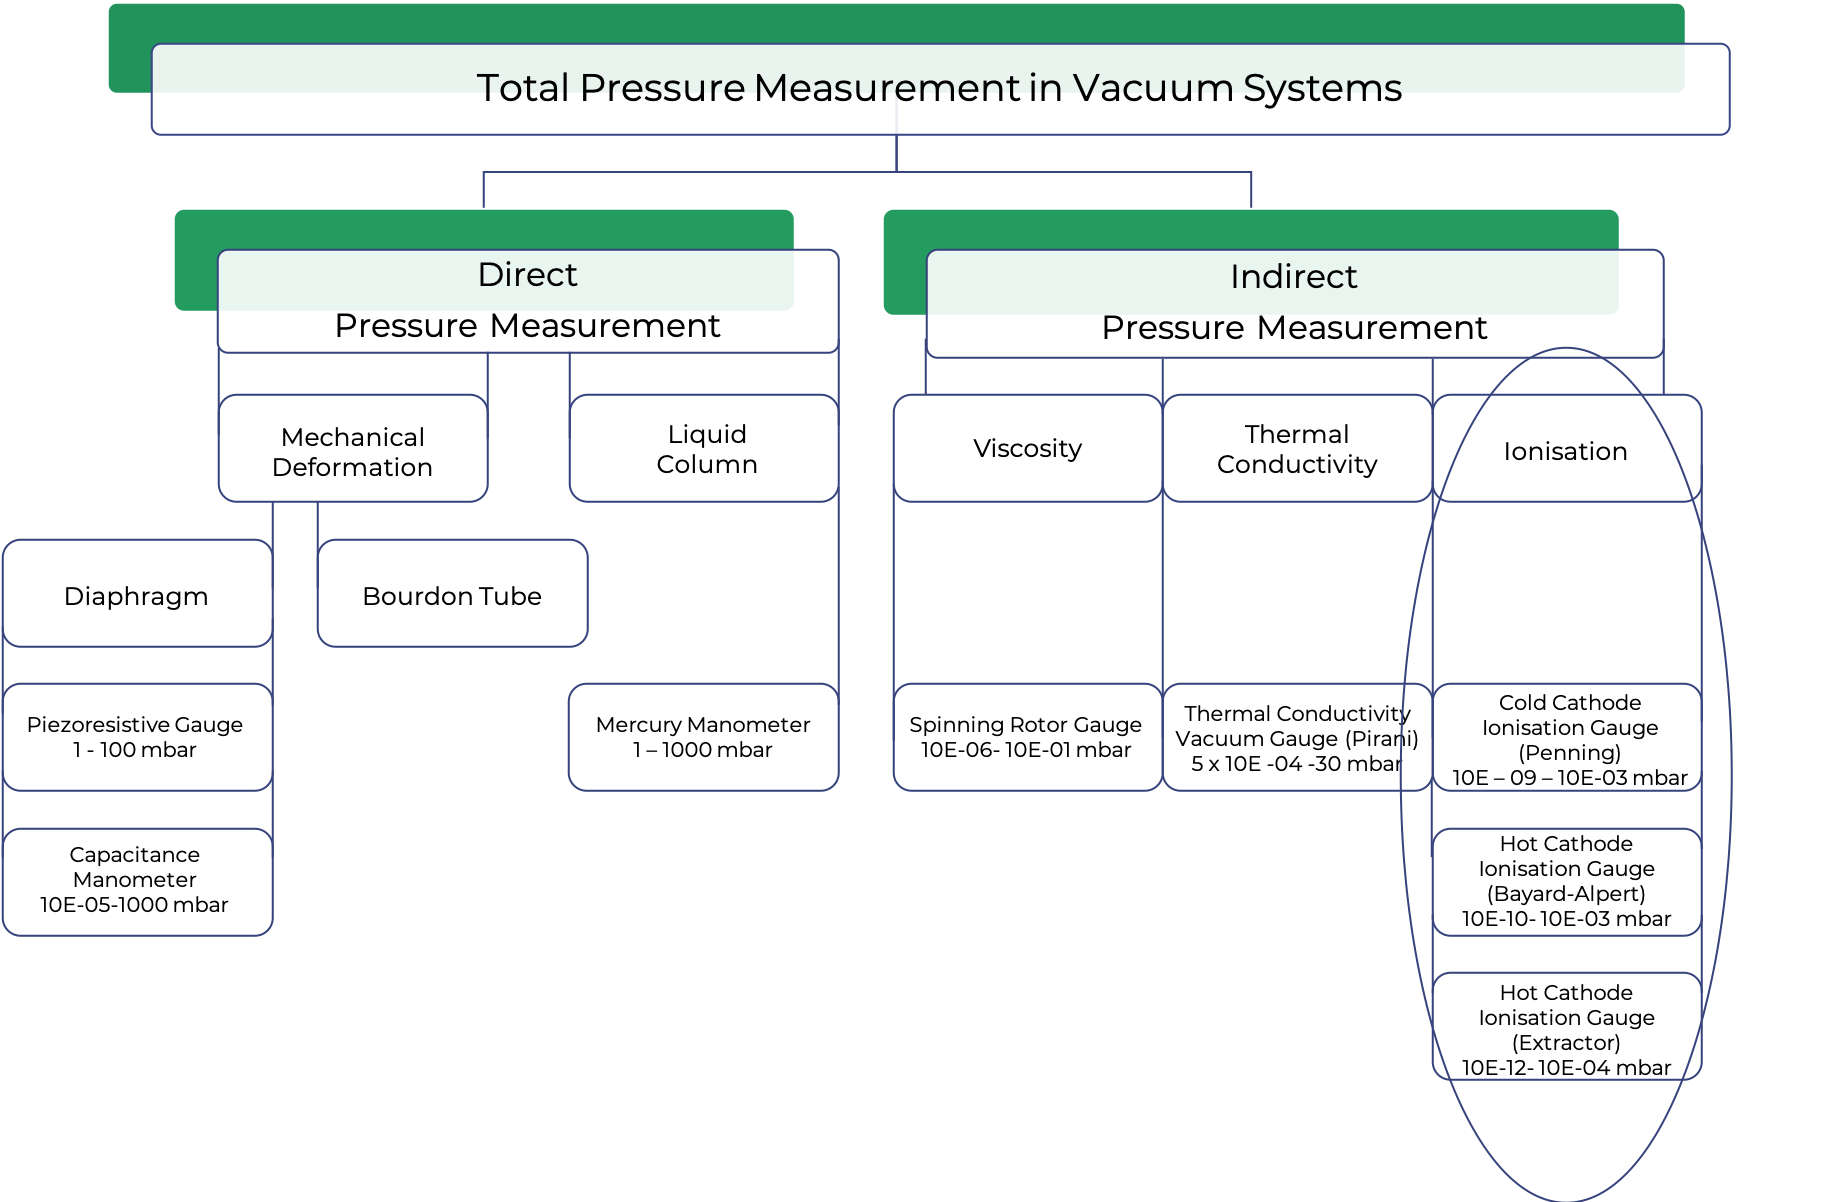 Total Pressure Measurement in Vacuum Systems